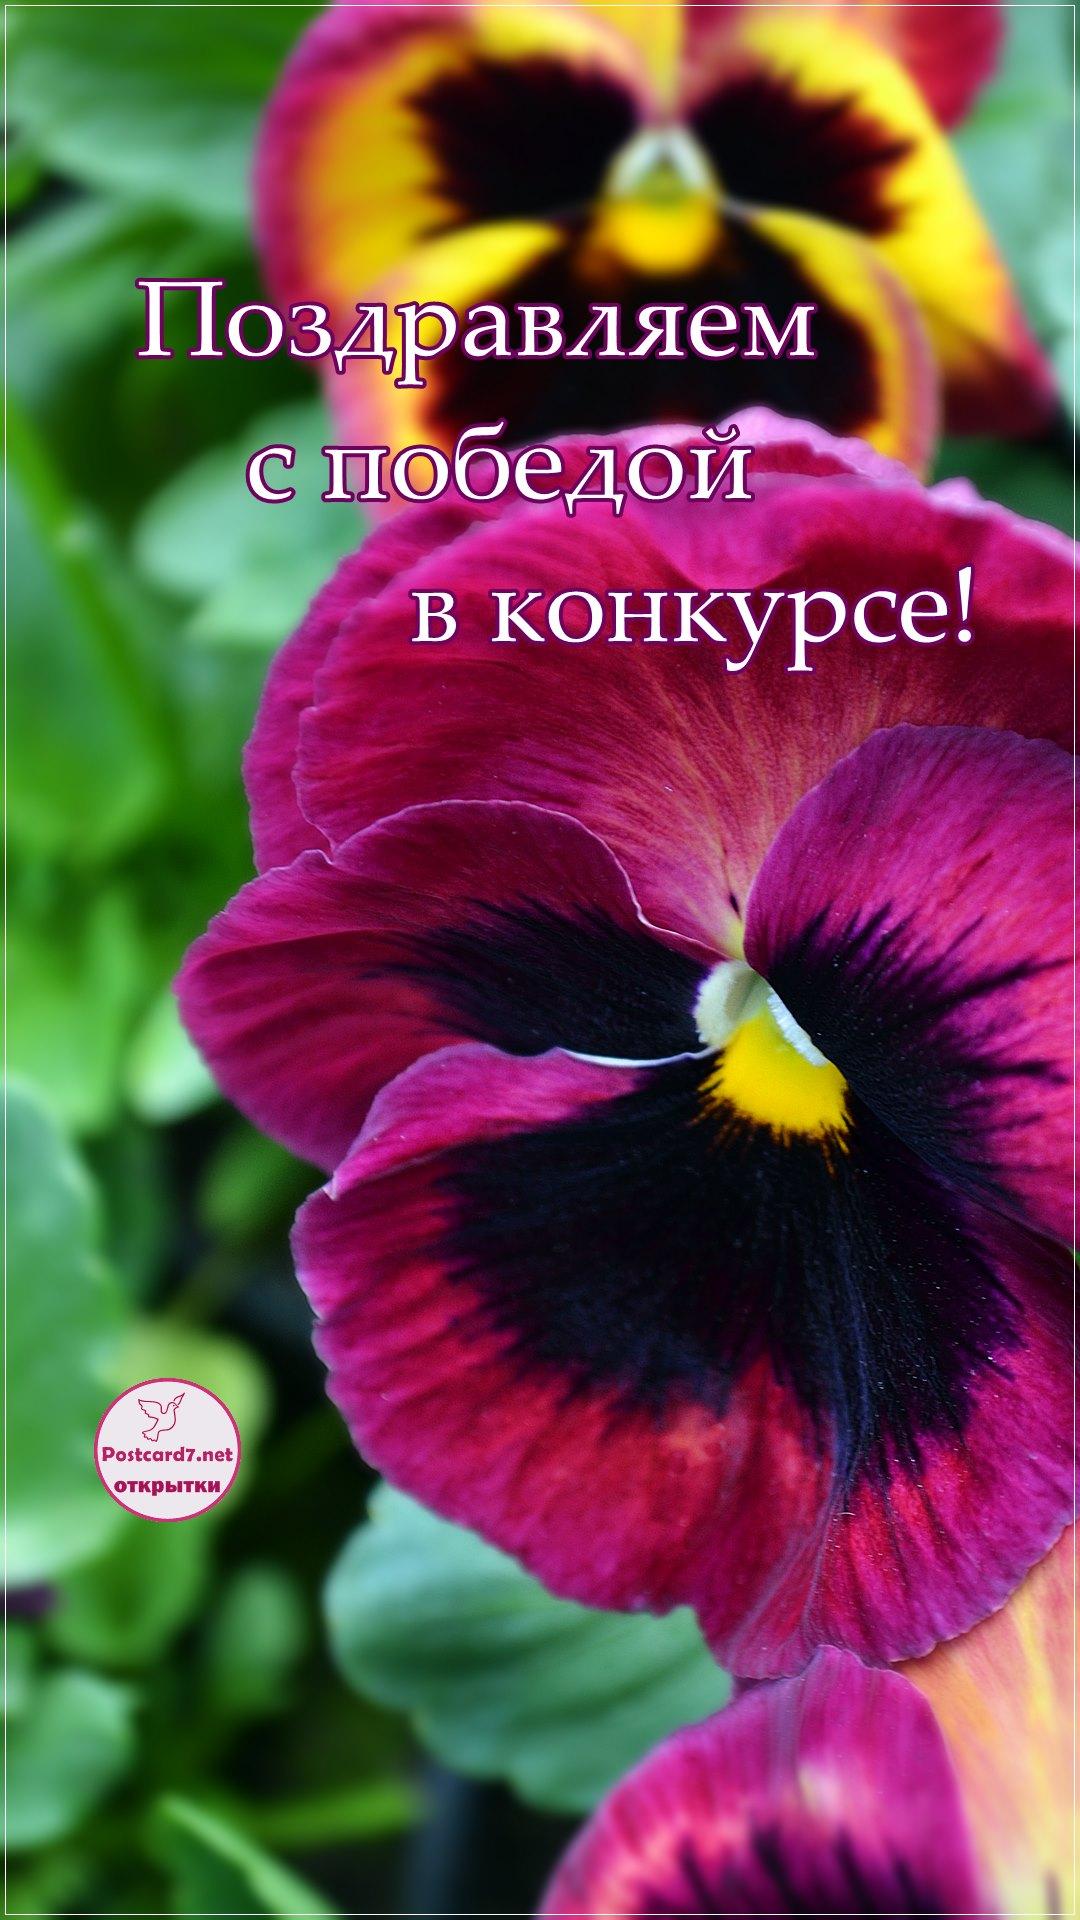 С победой в конкурсе, открытка